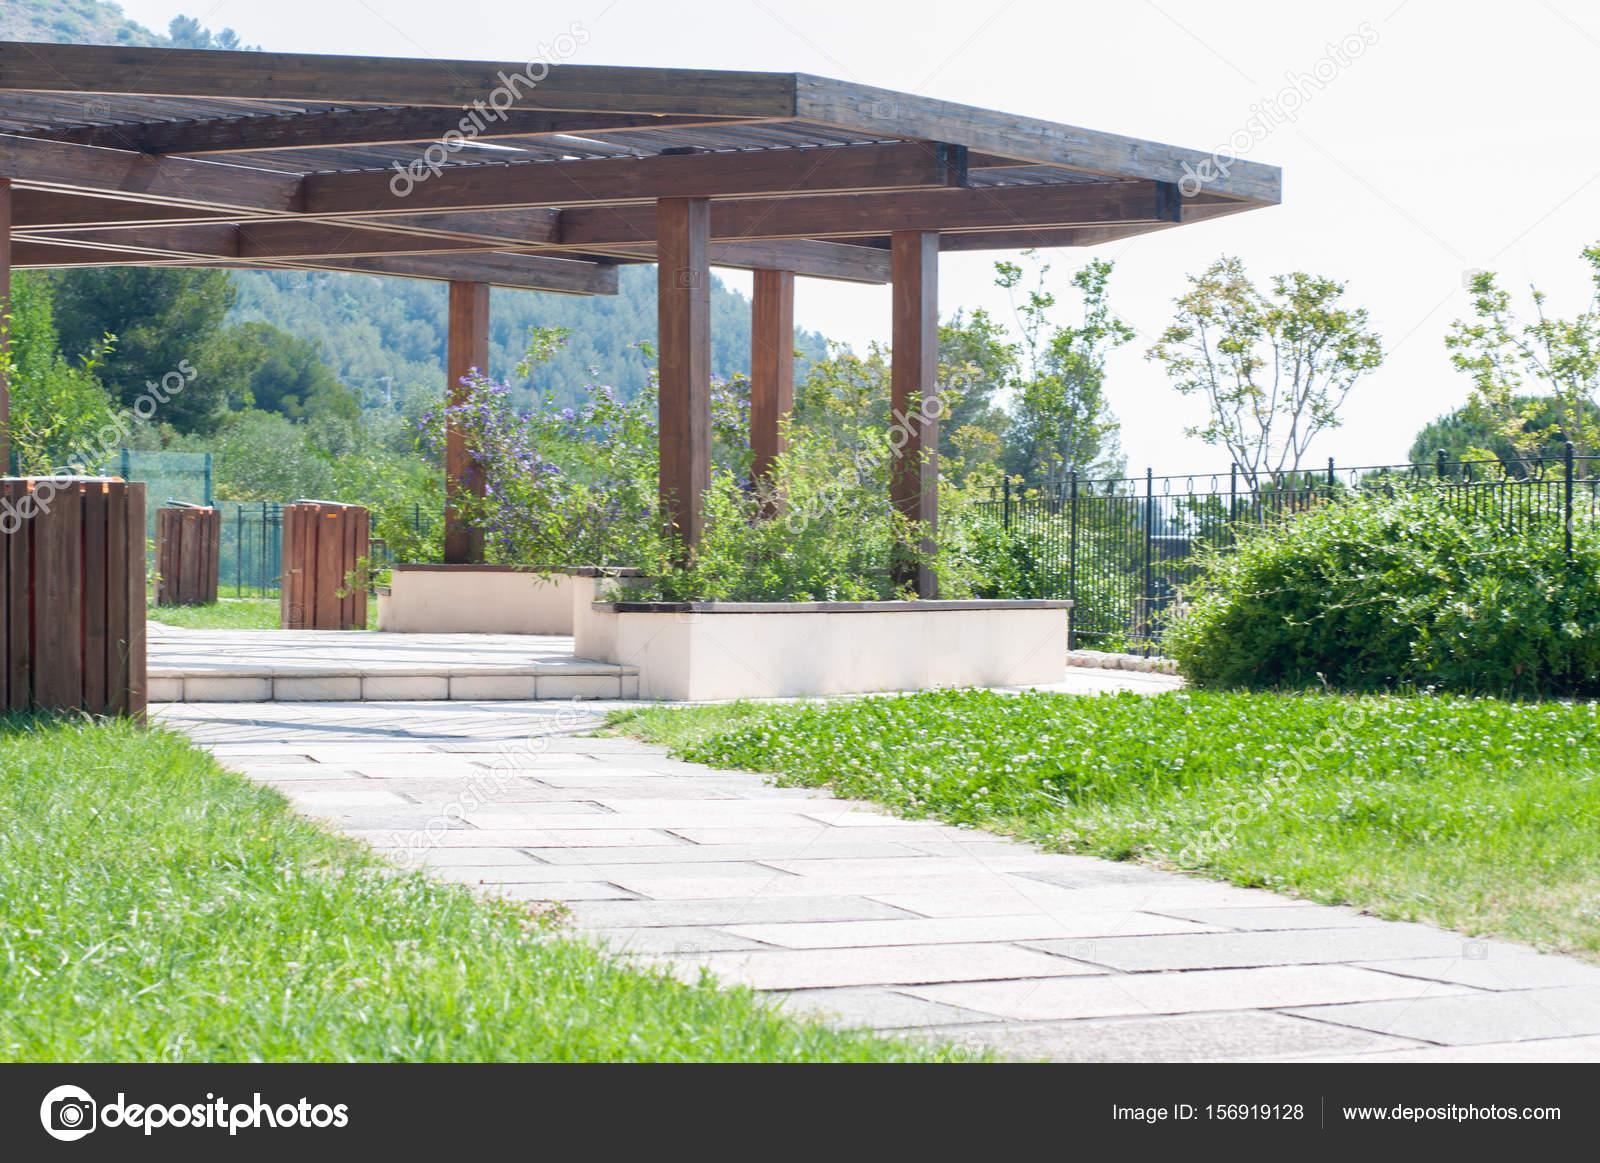 Pavillon Garten In Sonniger Tag Stockfoto Fcarniani 156919128